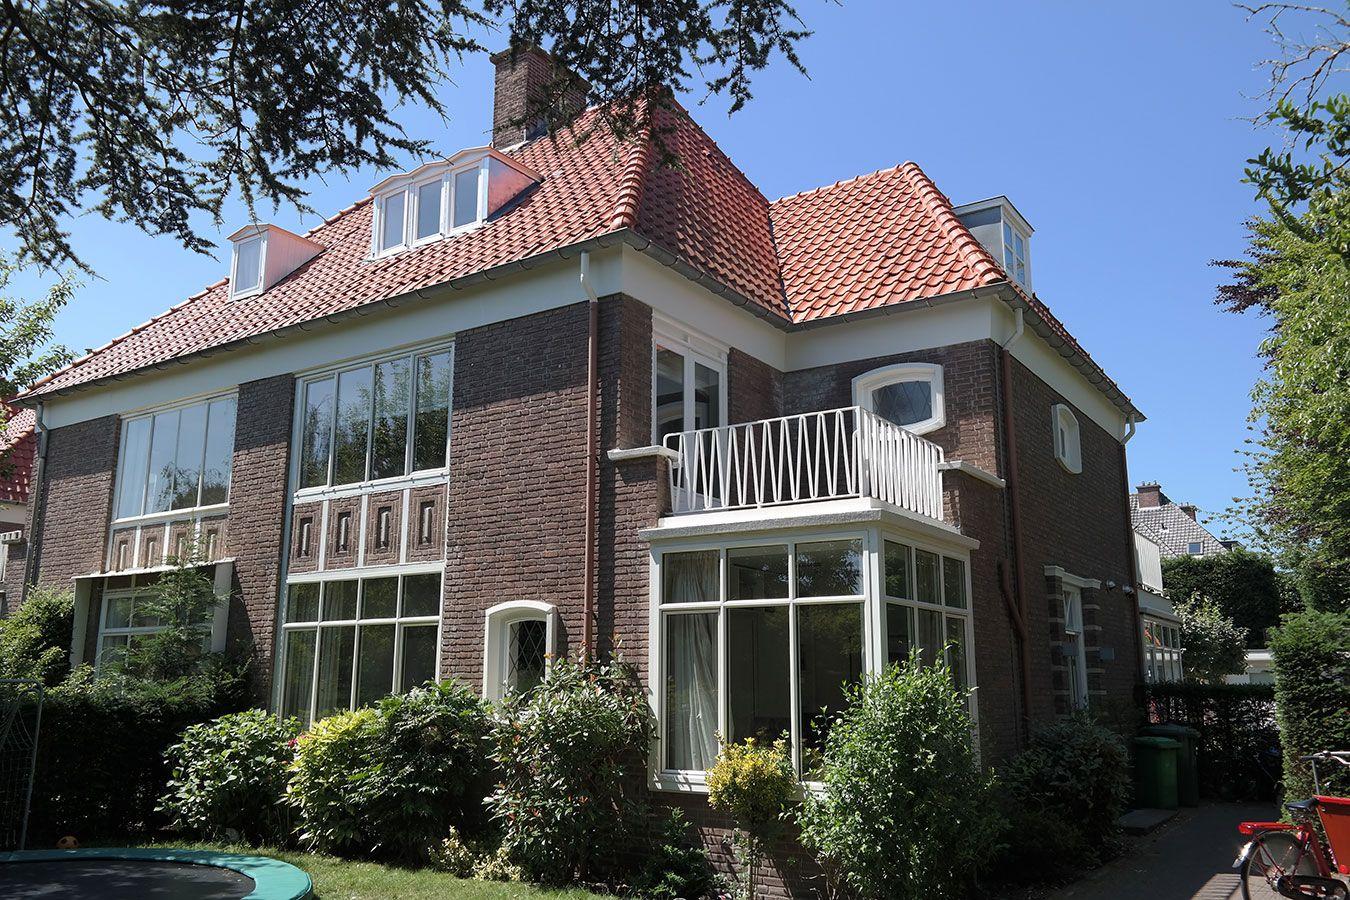 Douchekamer en Dakkapel Marlot Den Haag HAGUE architects